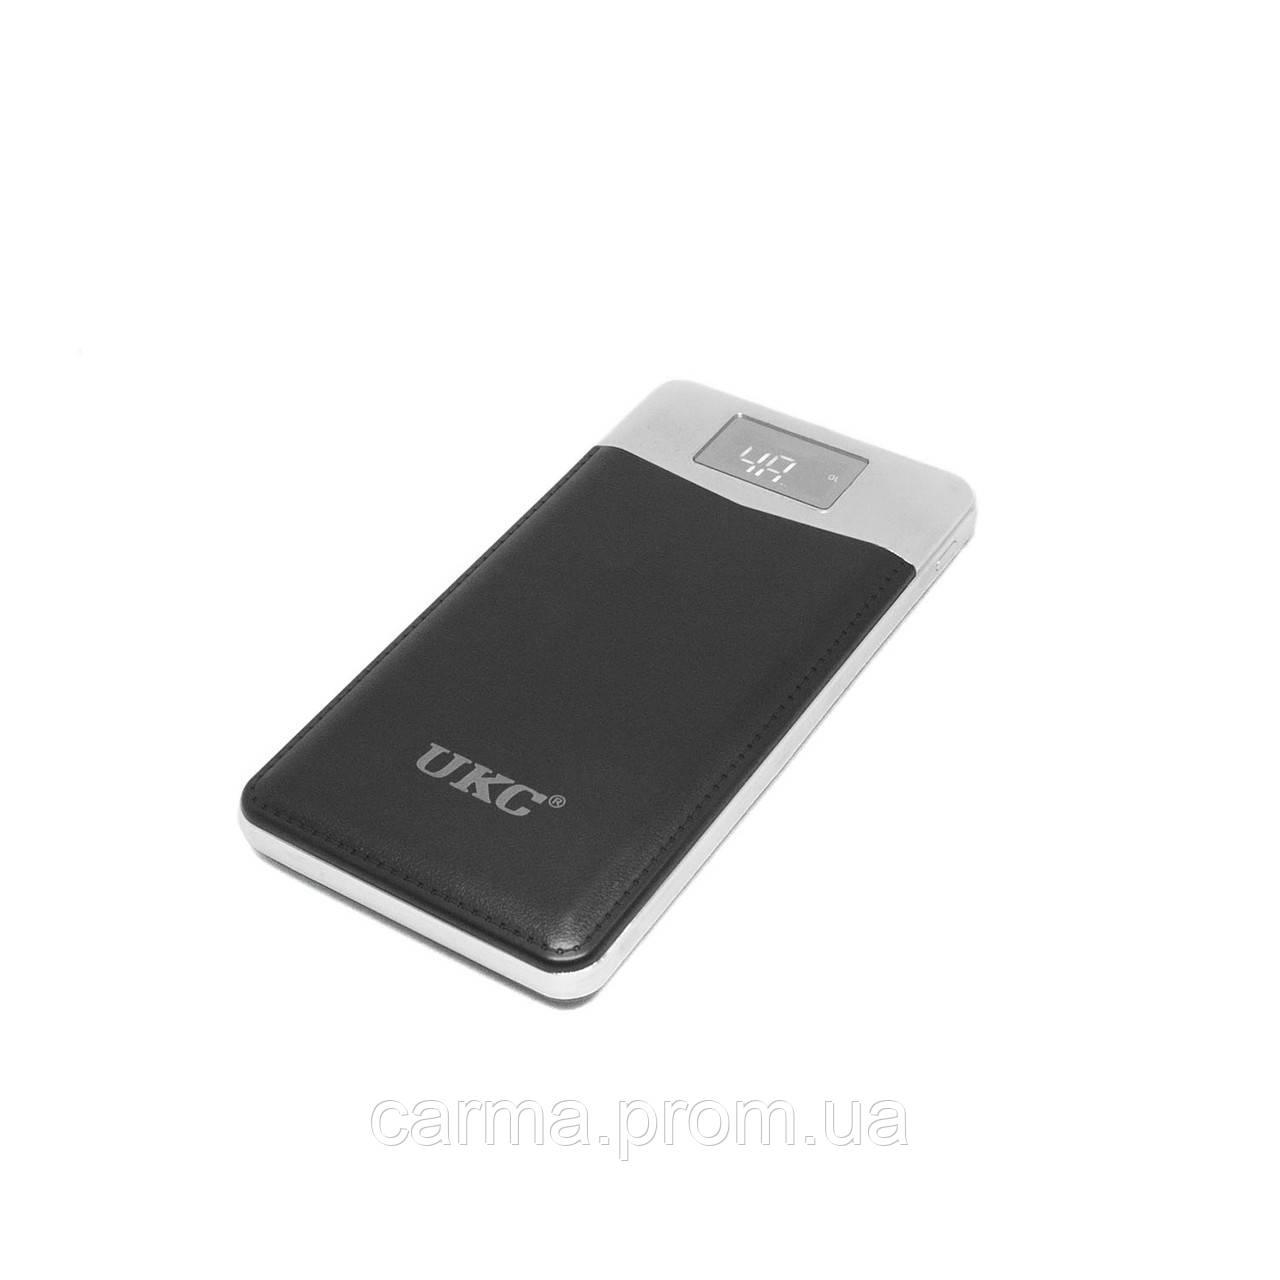 Мобильная зарядка Power Bank UKC 38000 mAh